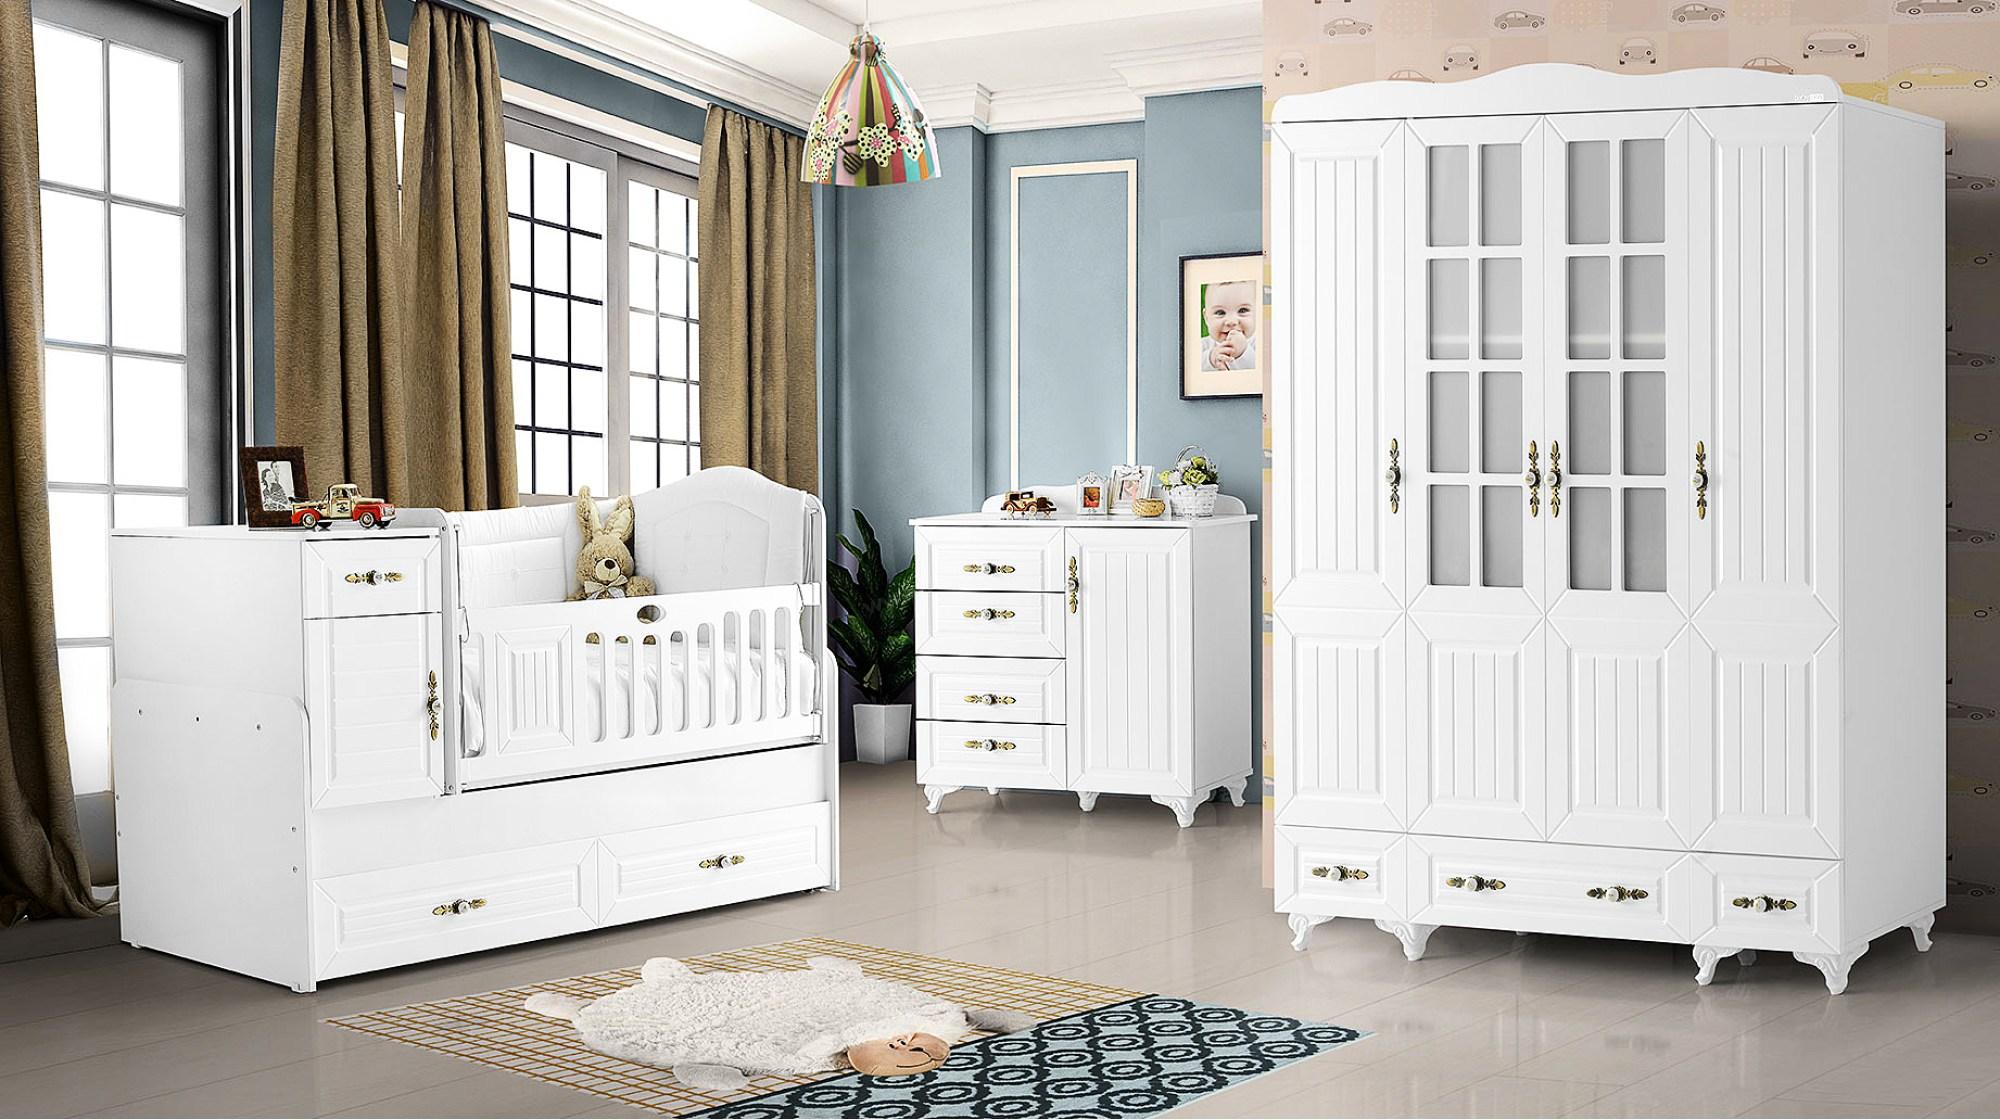 Çocuk osmanlı: bir çocuk mobilyası seçin